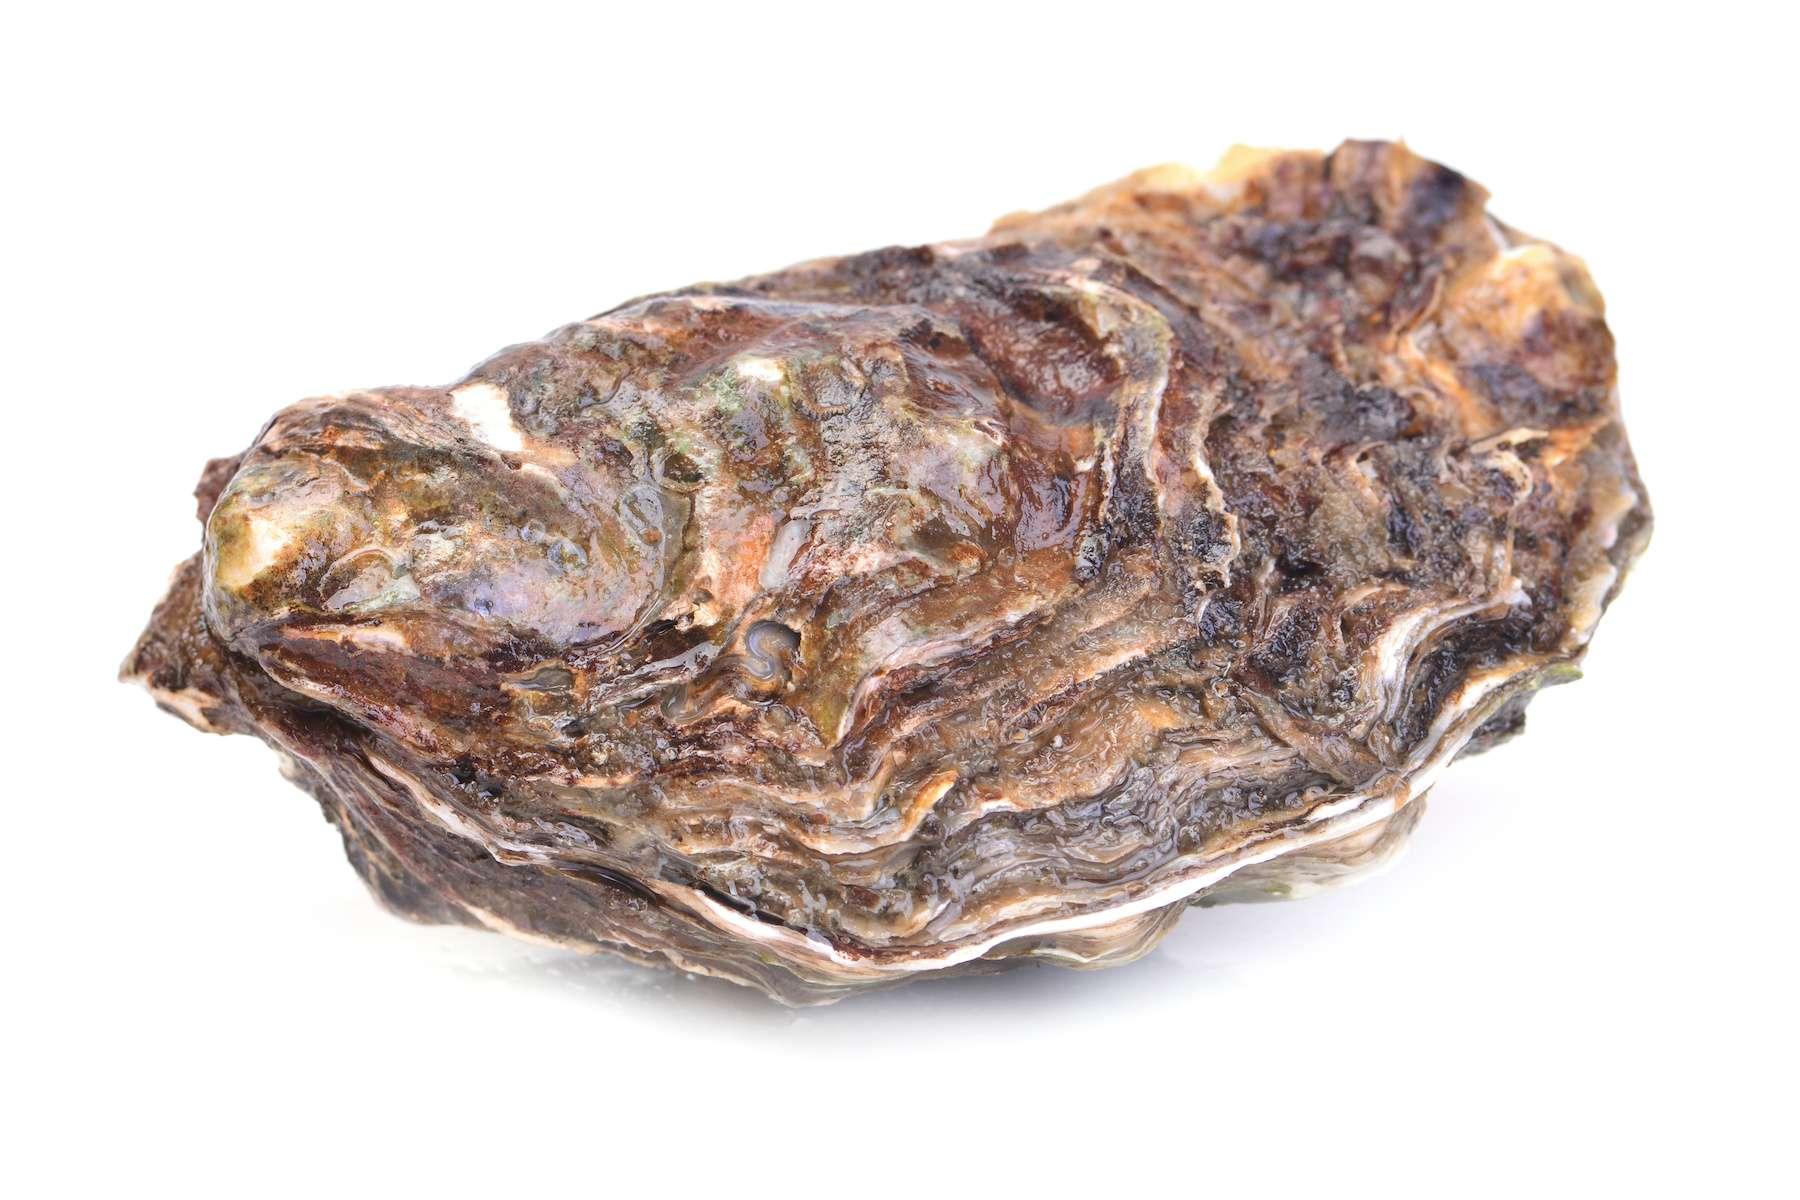 Une huître de 2,2 kg a été découverte dans le Finistère par un ostréiculteur. © valeriy555, Adobe Stock